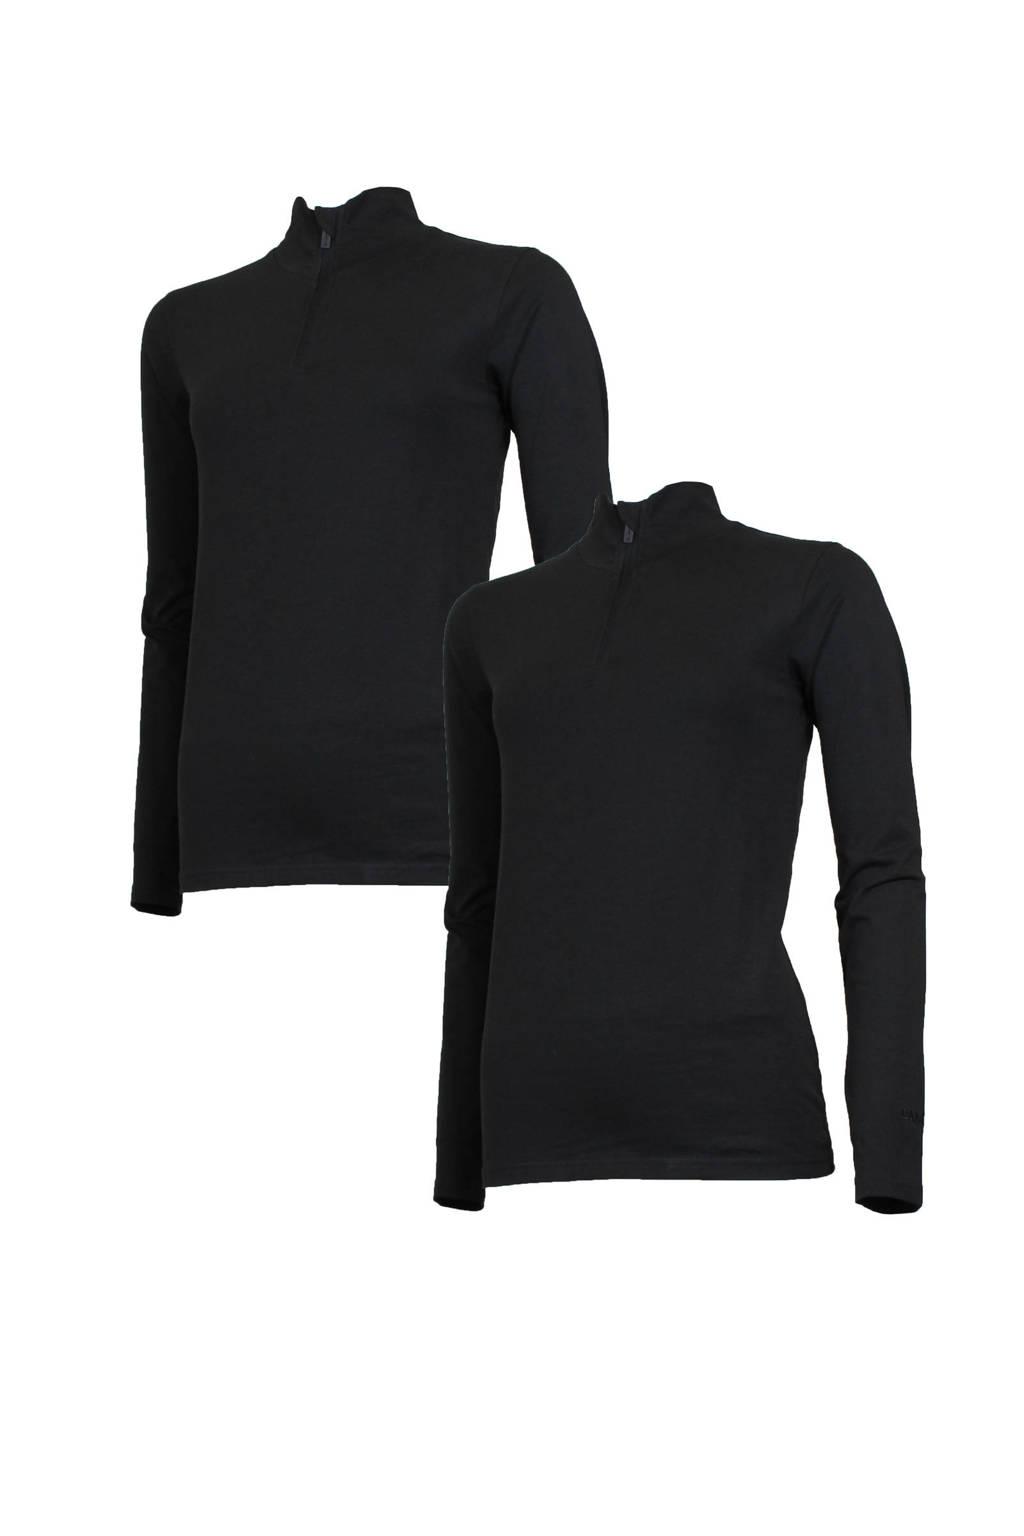 Campri sport T-shirt (set van 2) zwart, Zwart